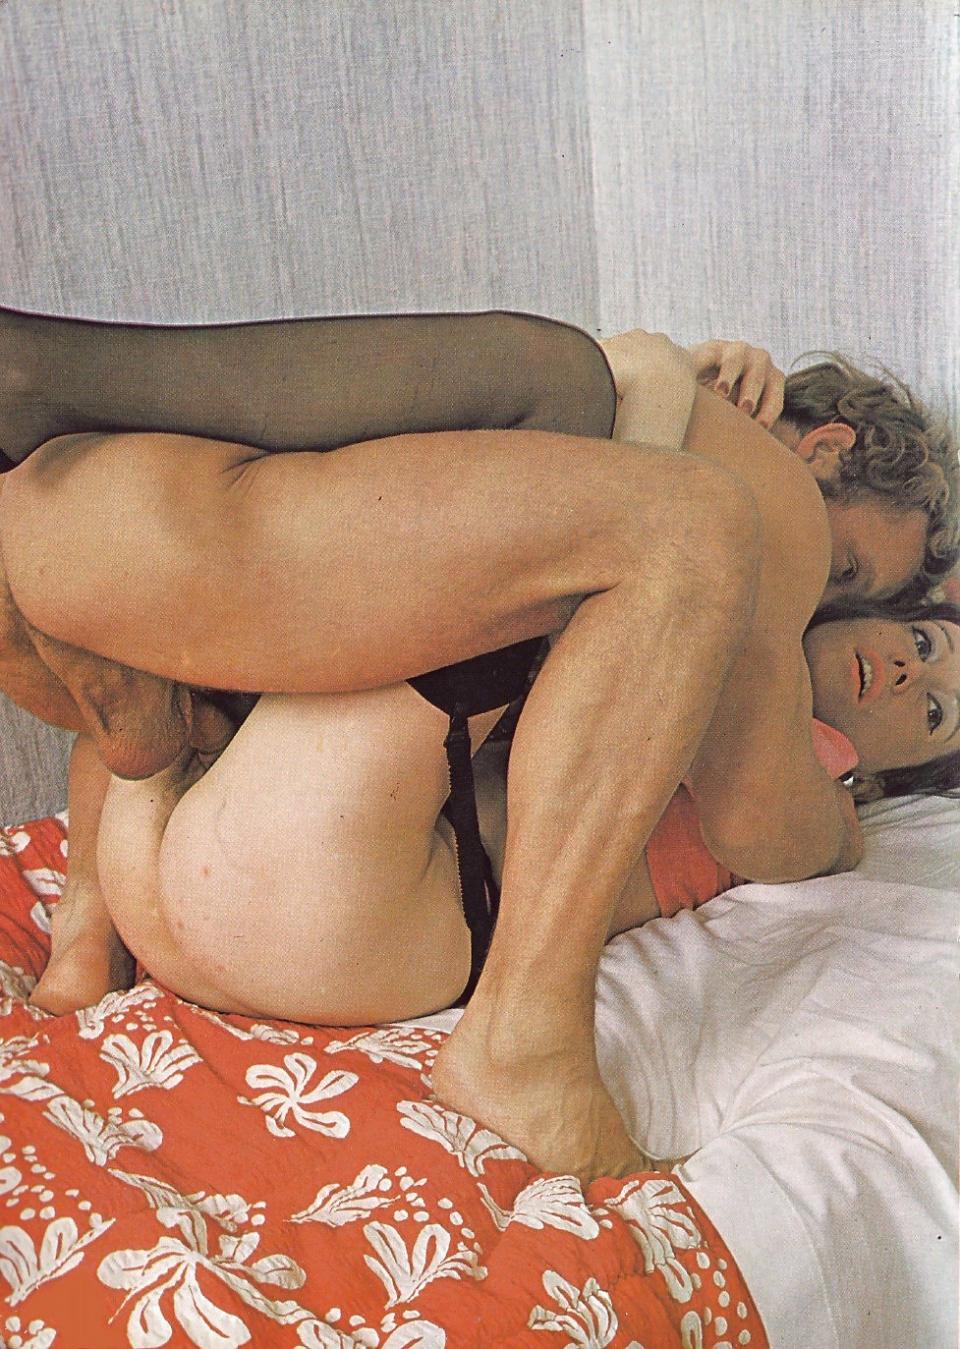 xhamster vintage porn